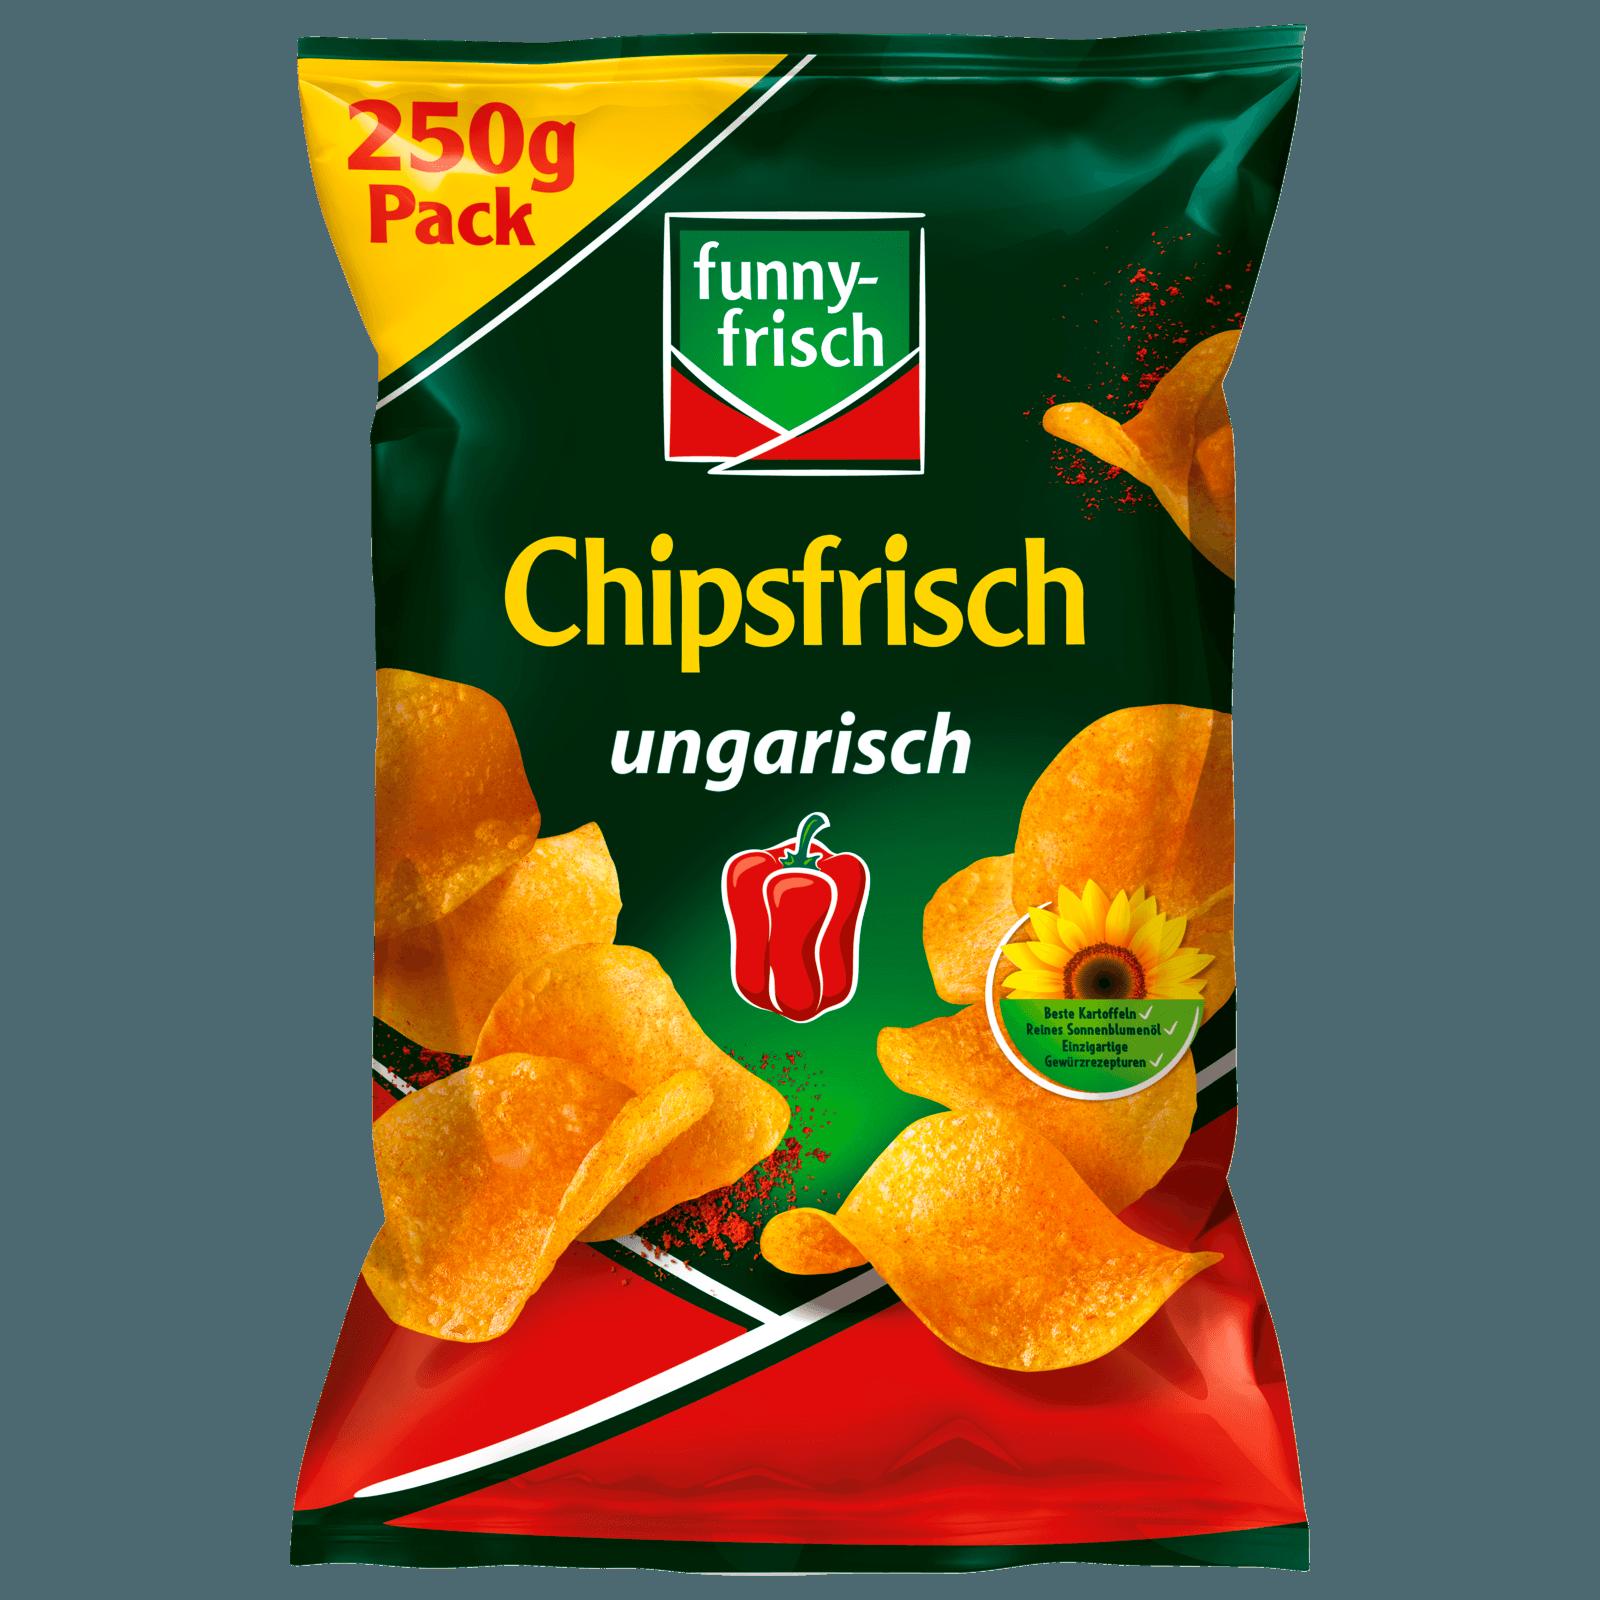 Funny-frisch Chipsfrisch ungarisch 250g